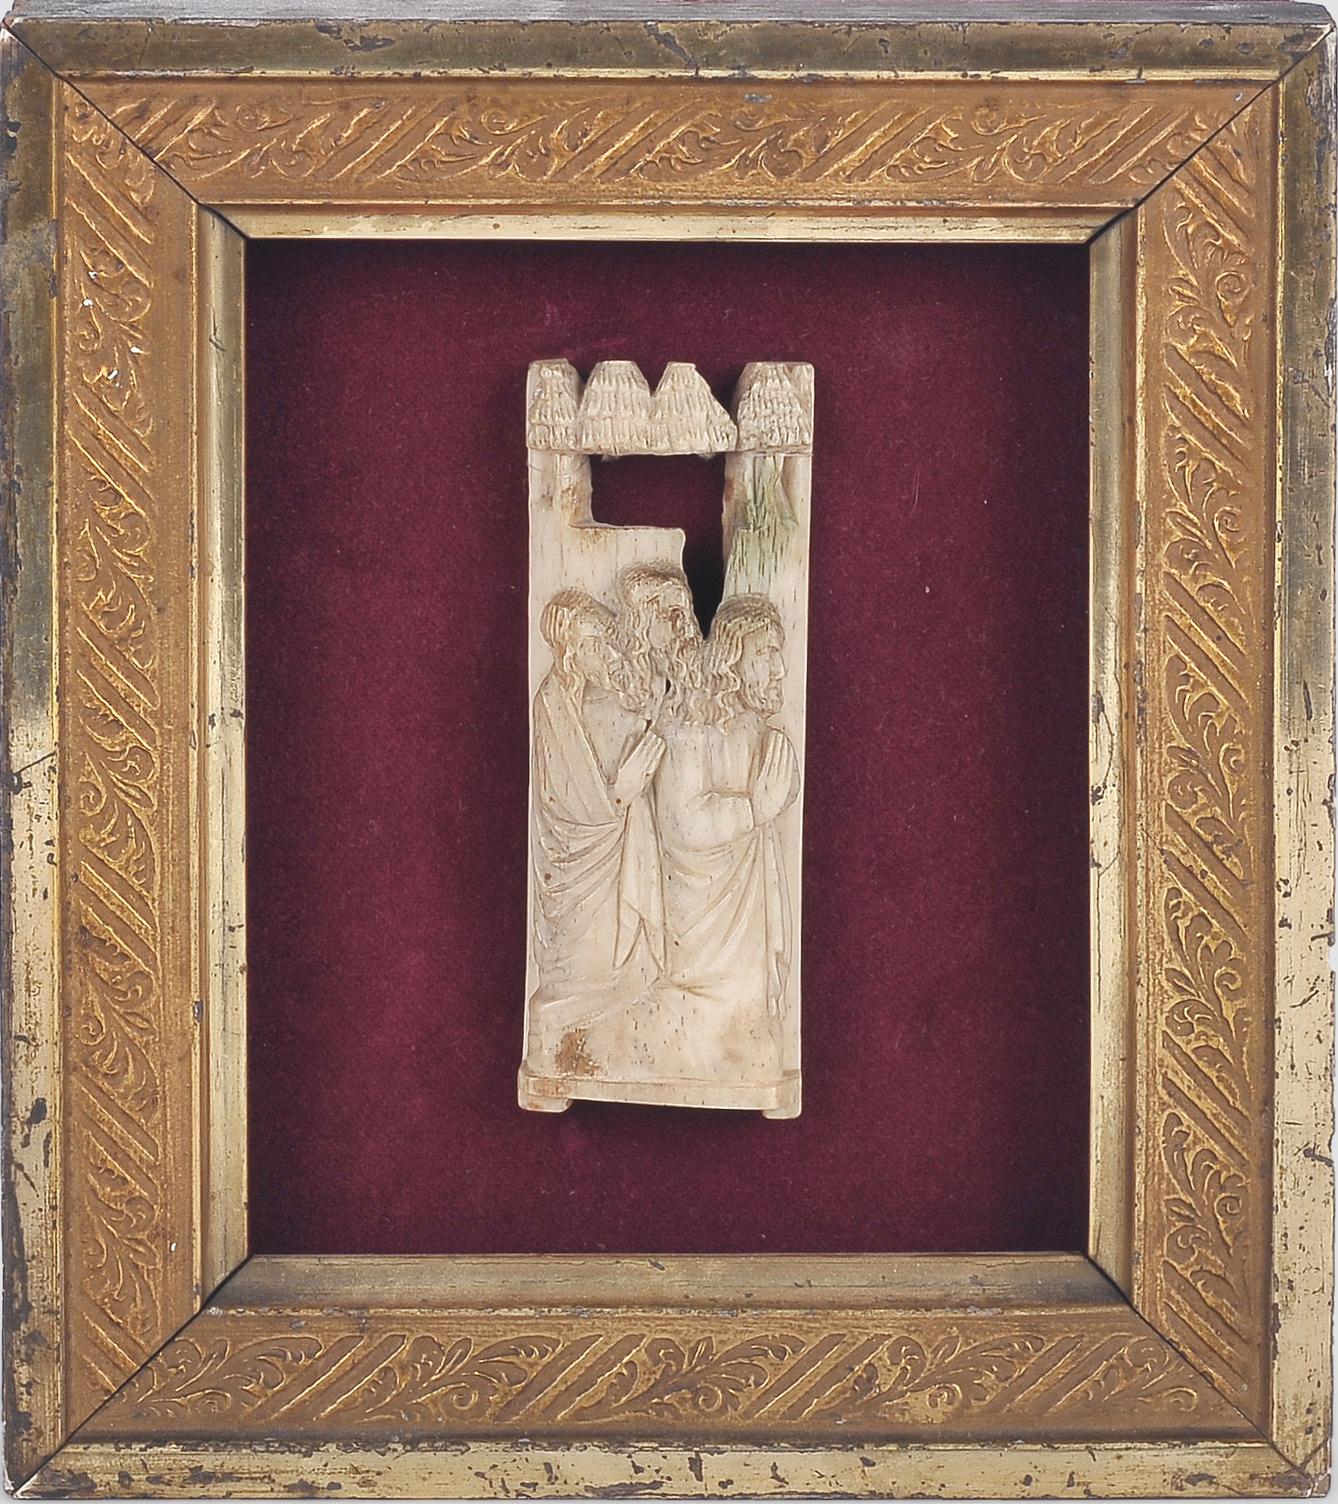 Relief Plakette, Werkstatt der Embriarchi?, um 1400/30 - Image 2 of 4